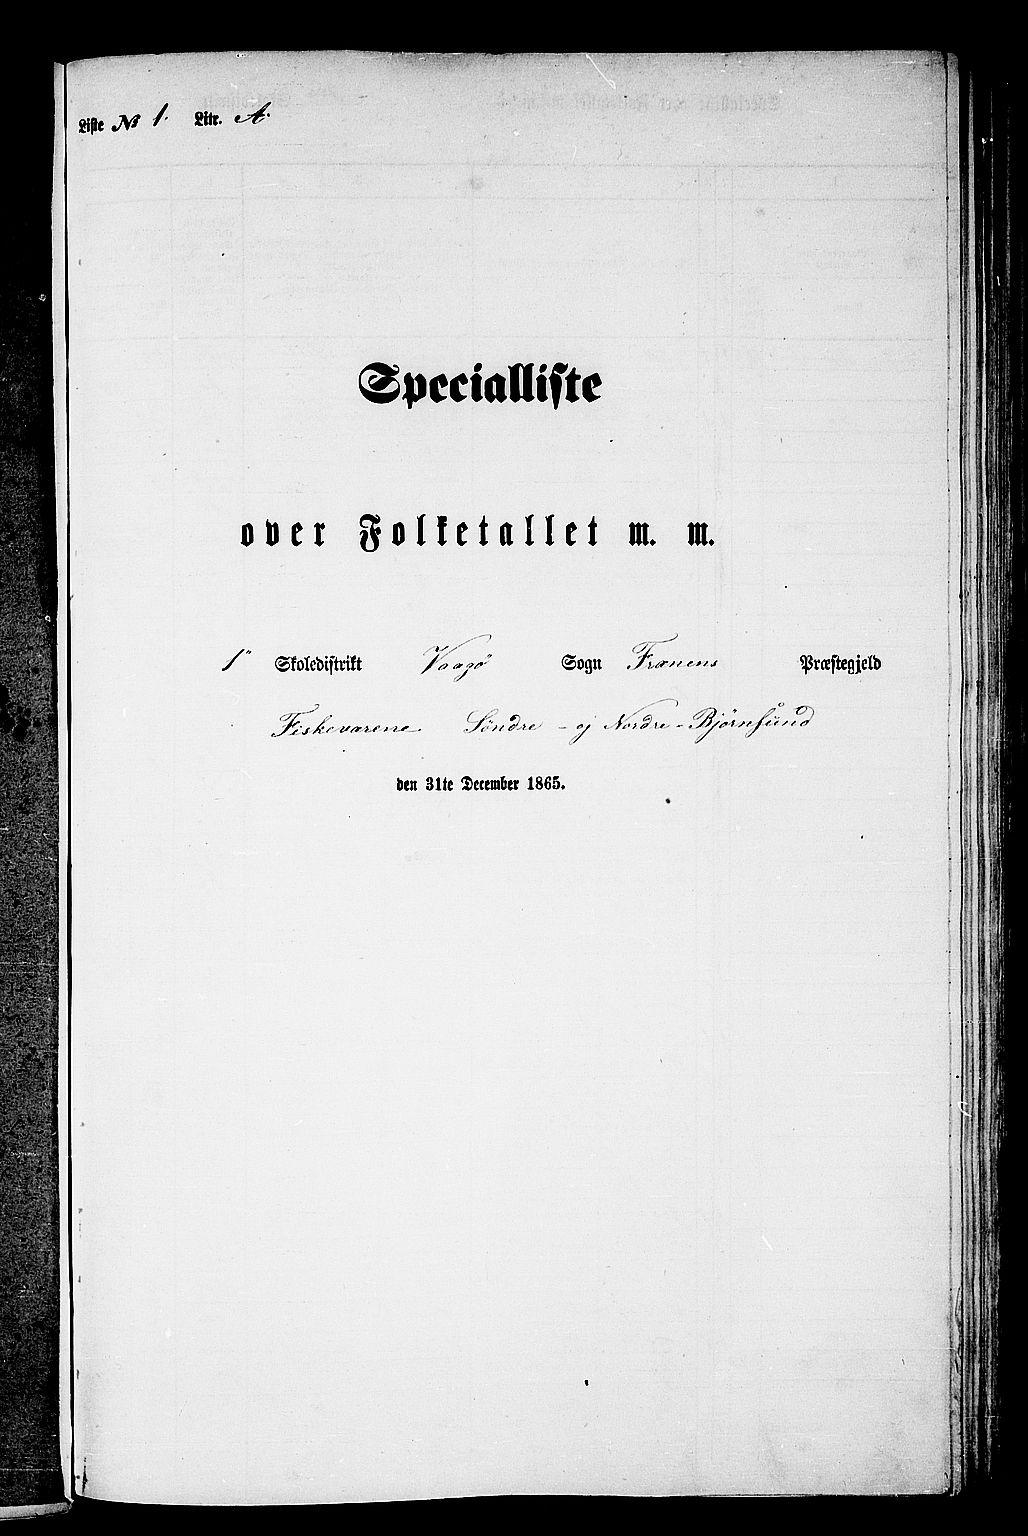 RA, Folketelling 1865 for 1548P Fræna prestegjeld, 1865, s. 6